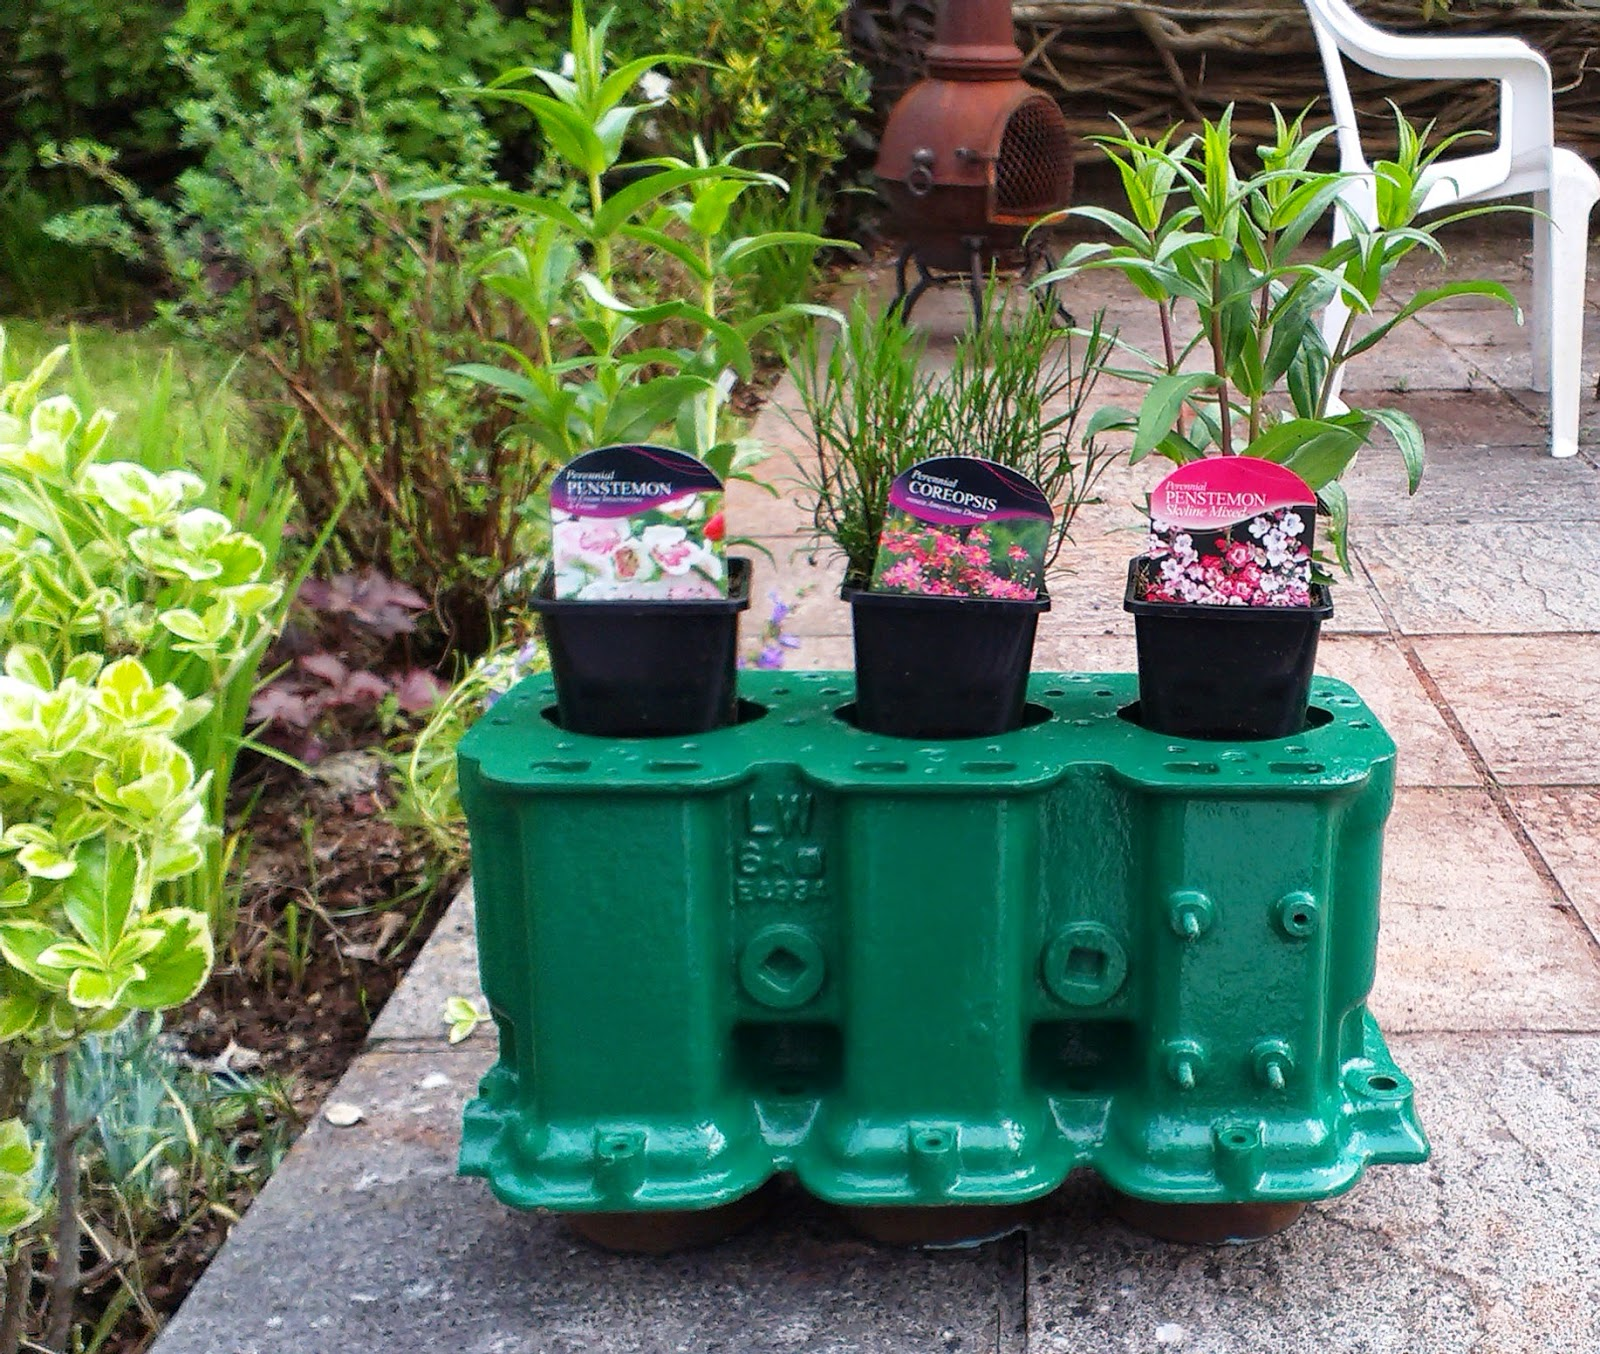 Flowerpots in an old engine block